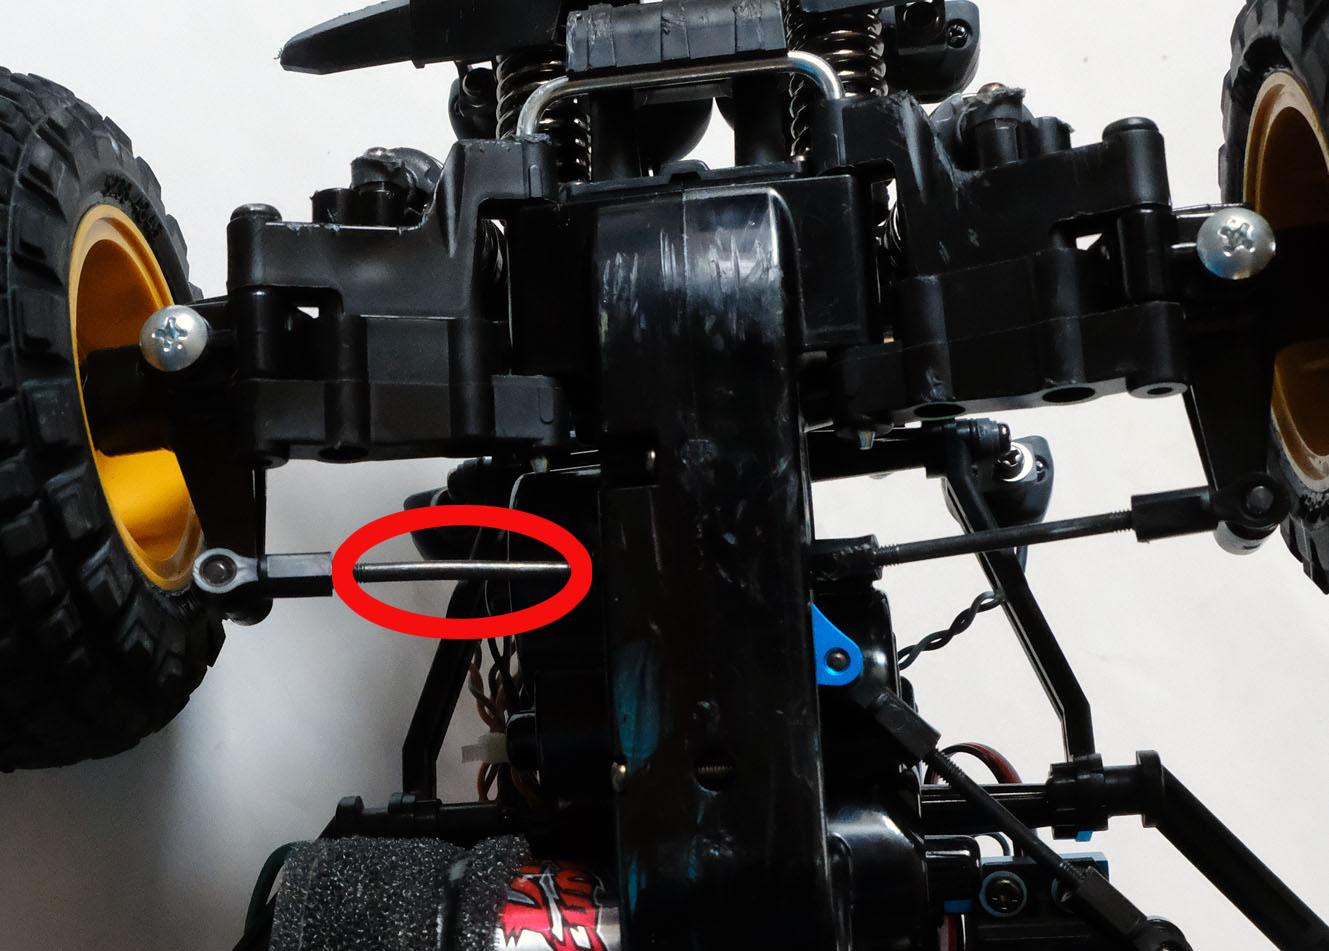 赤い丸で囲った部分が曲がってしまったタイロッド。右のロッドと比べるとゆがんでいるのがわかる